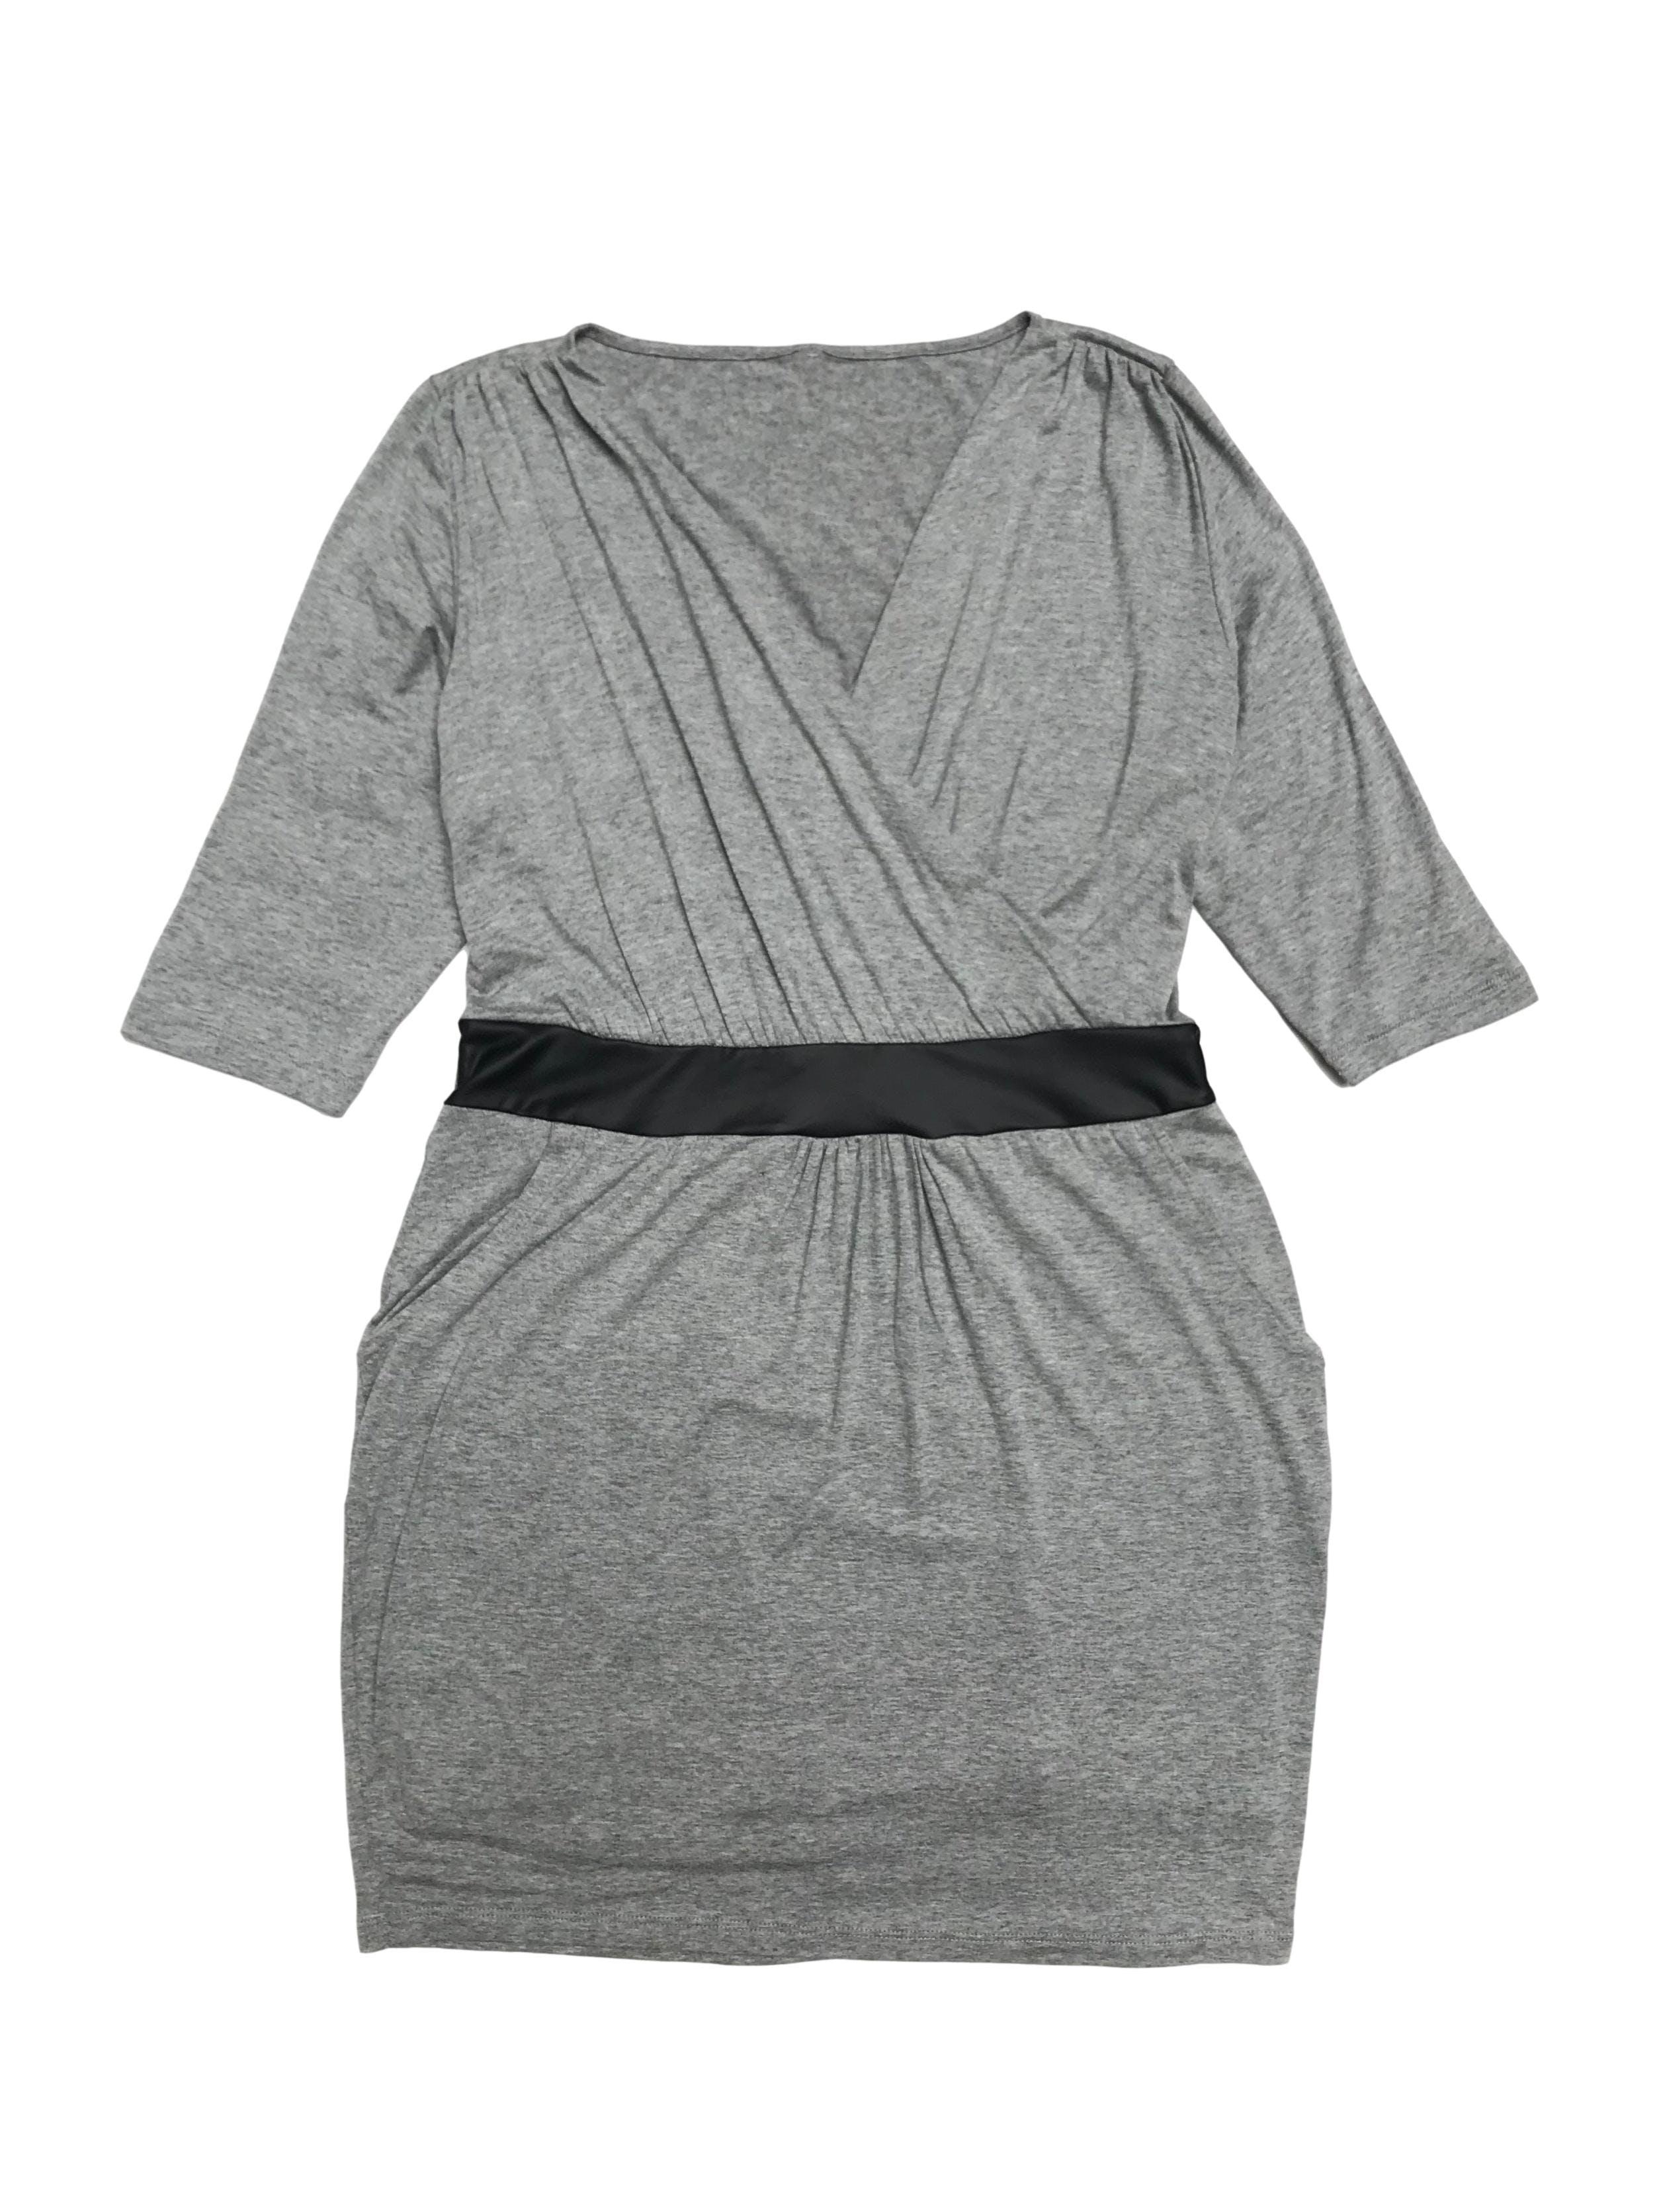 Vestido tipo algodón plomo, manga 3/4, escote cruzado, elástico en la cintura y bolsillos en falda. Largo 82cm